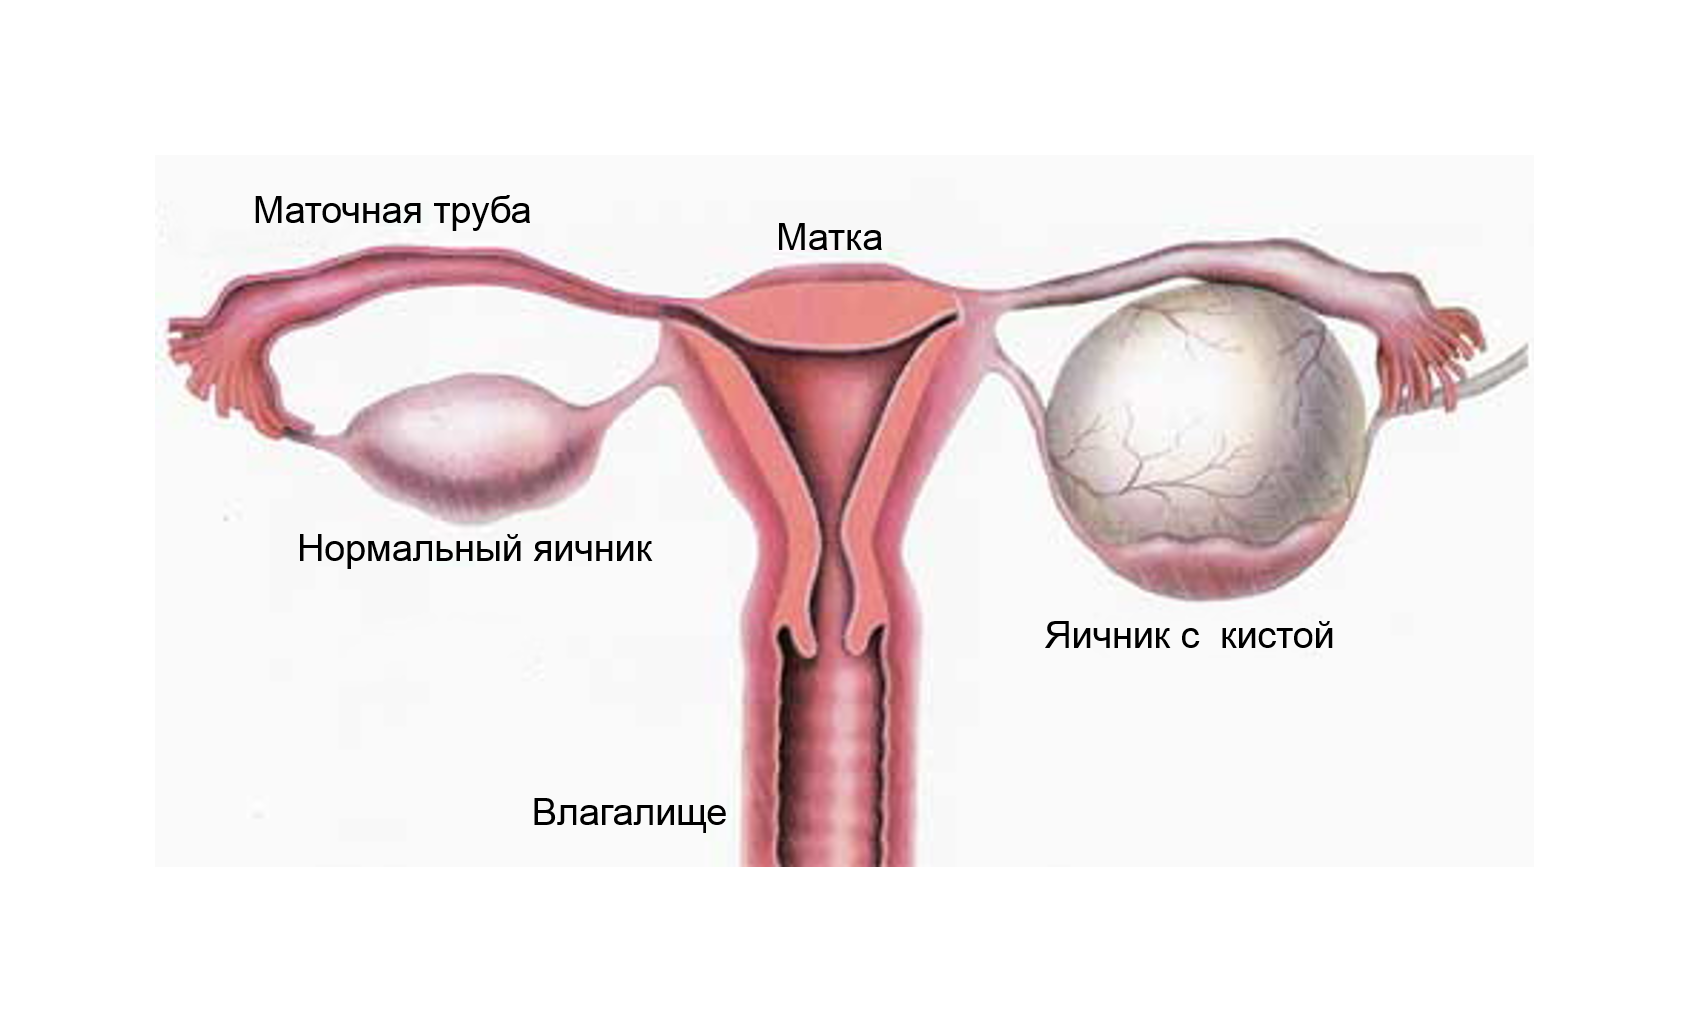 Выделение крови у женщин после полового акта: причины